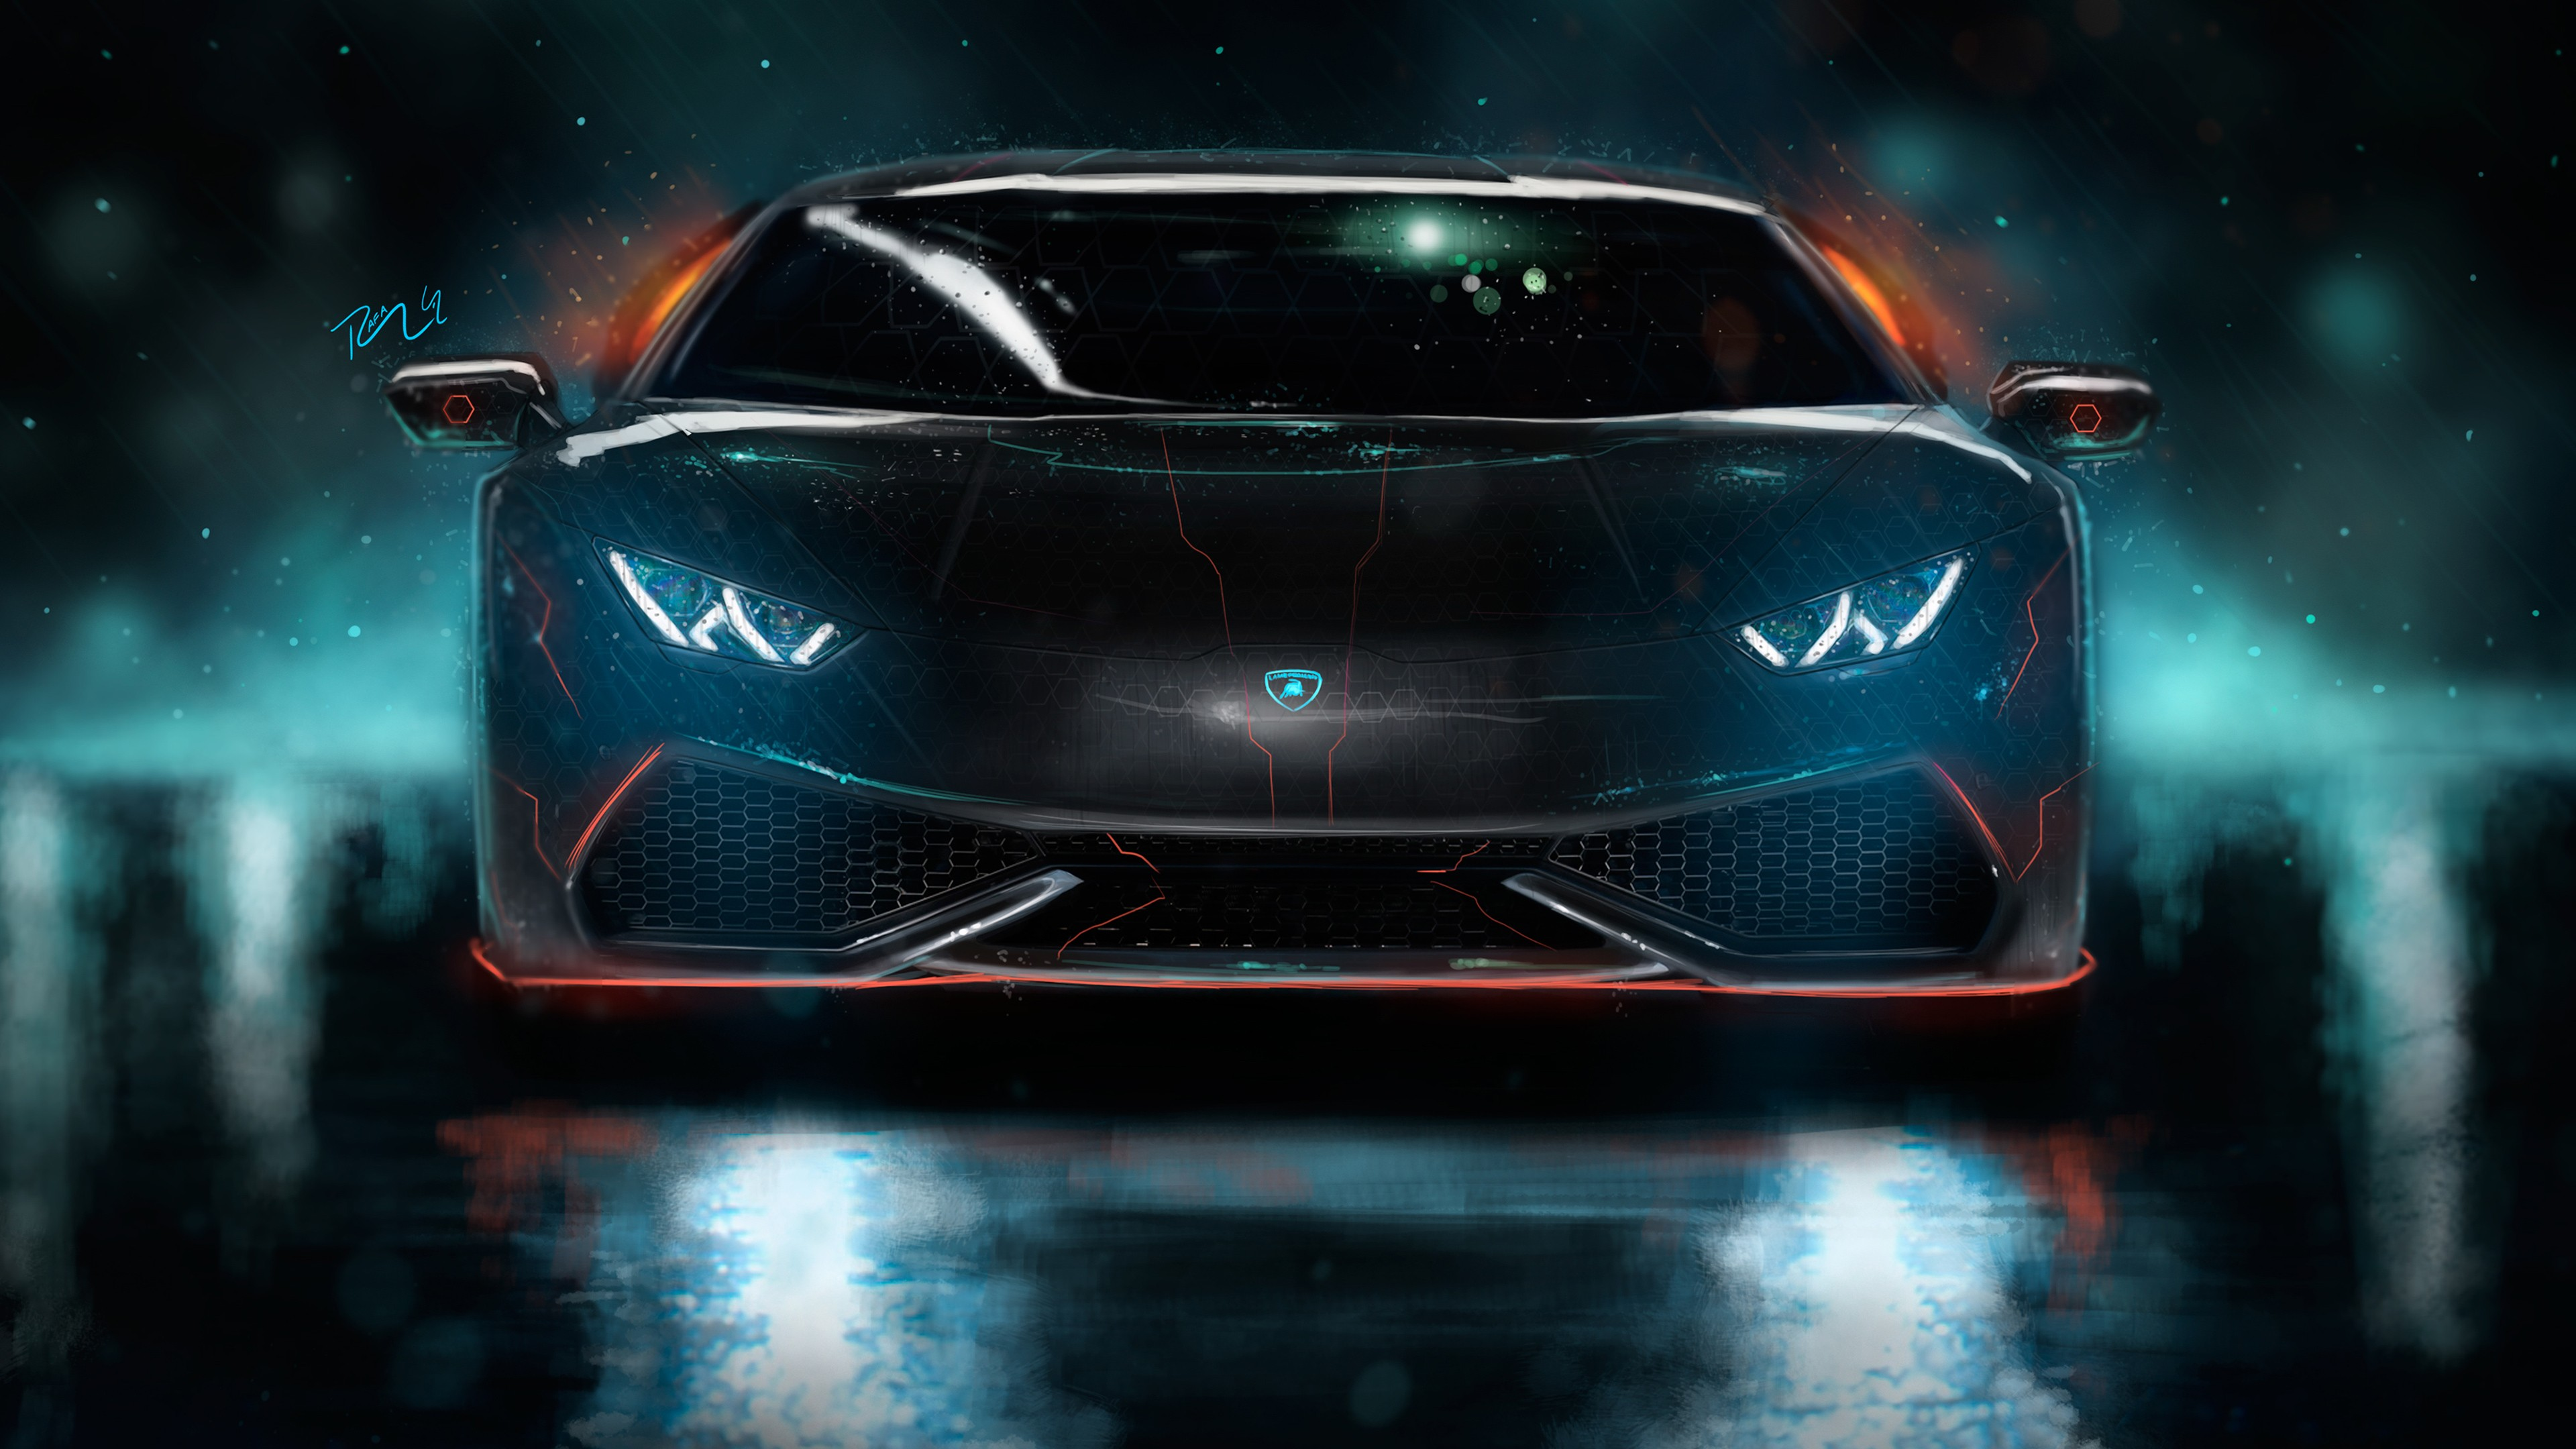 Custom Wallpaper 4k Pubattlegrounds: Lamborghini Huracan Custom CGI 4K Wallpaper